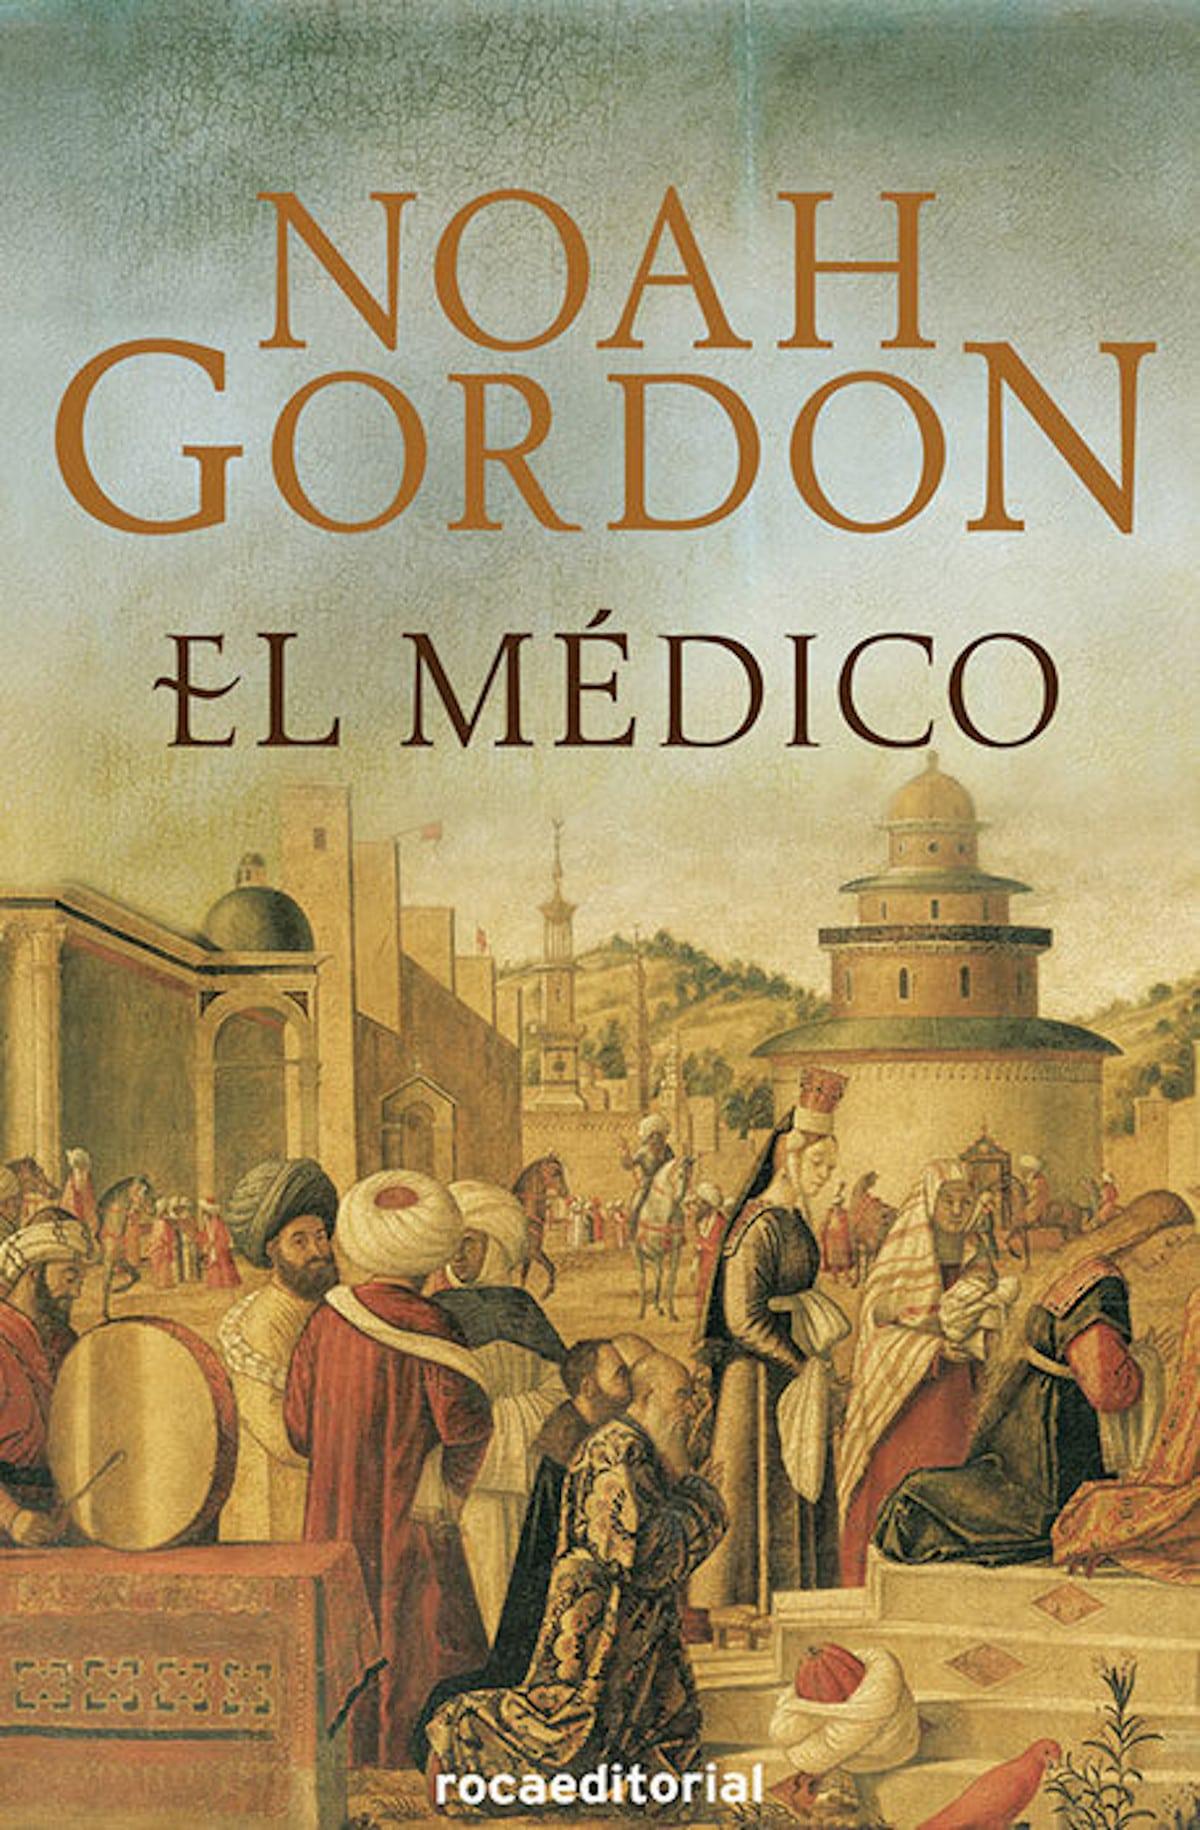 Libros de Noah Gordon